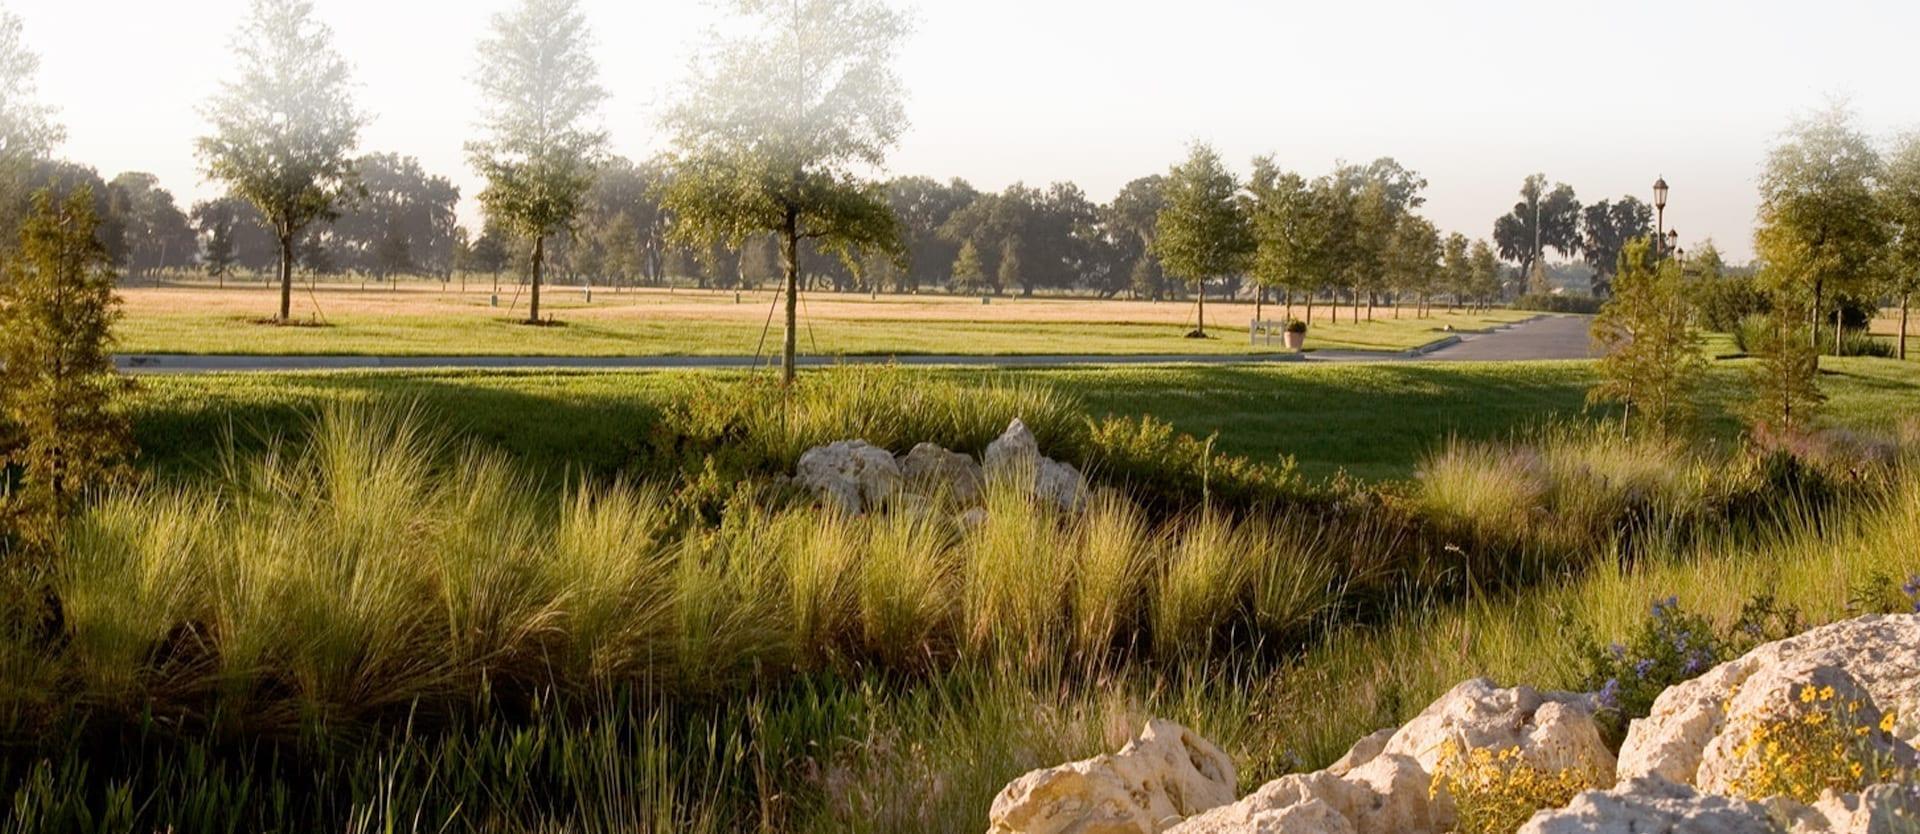 communities Park